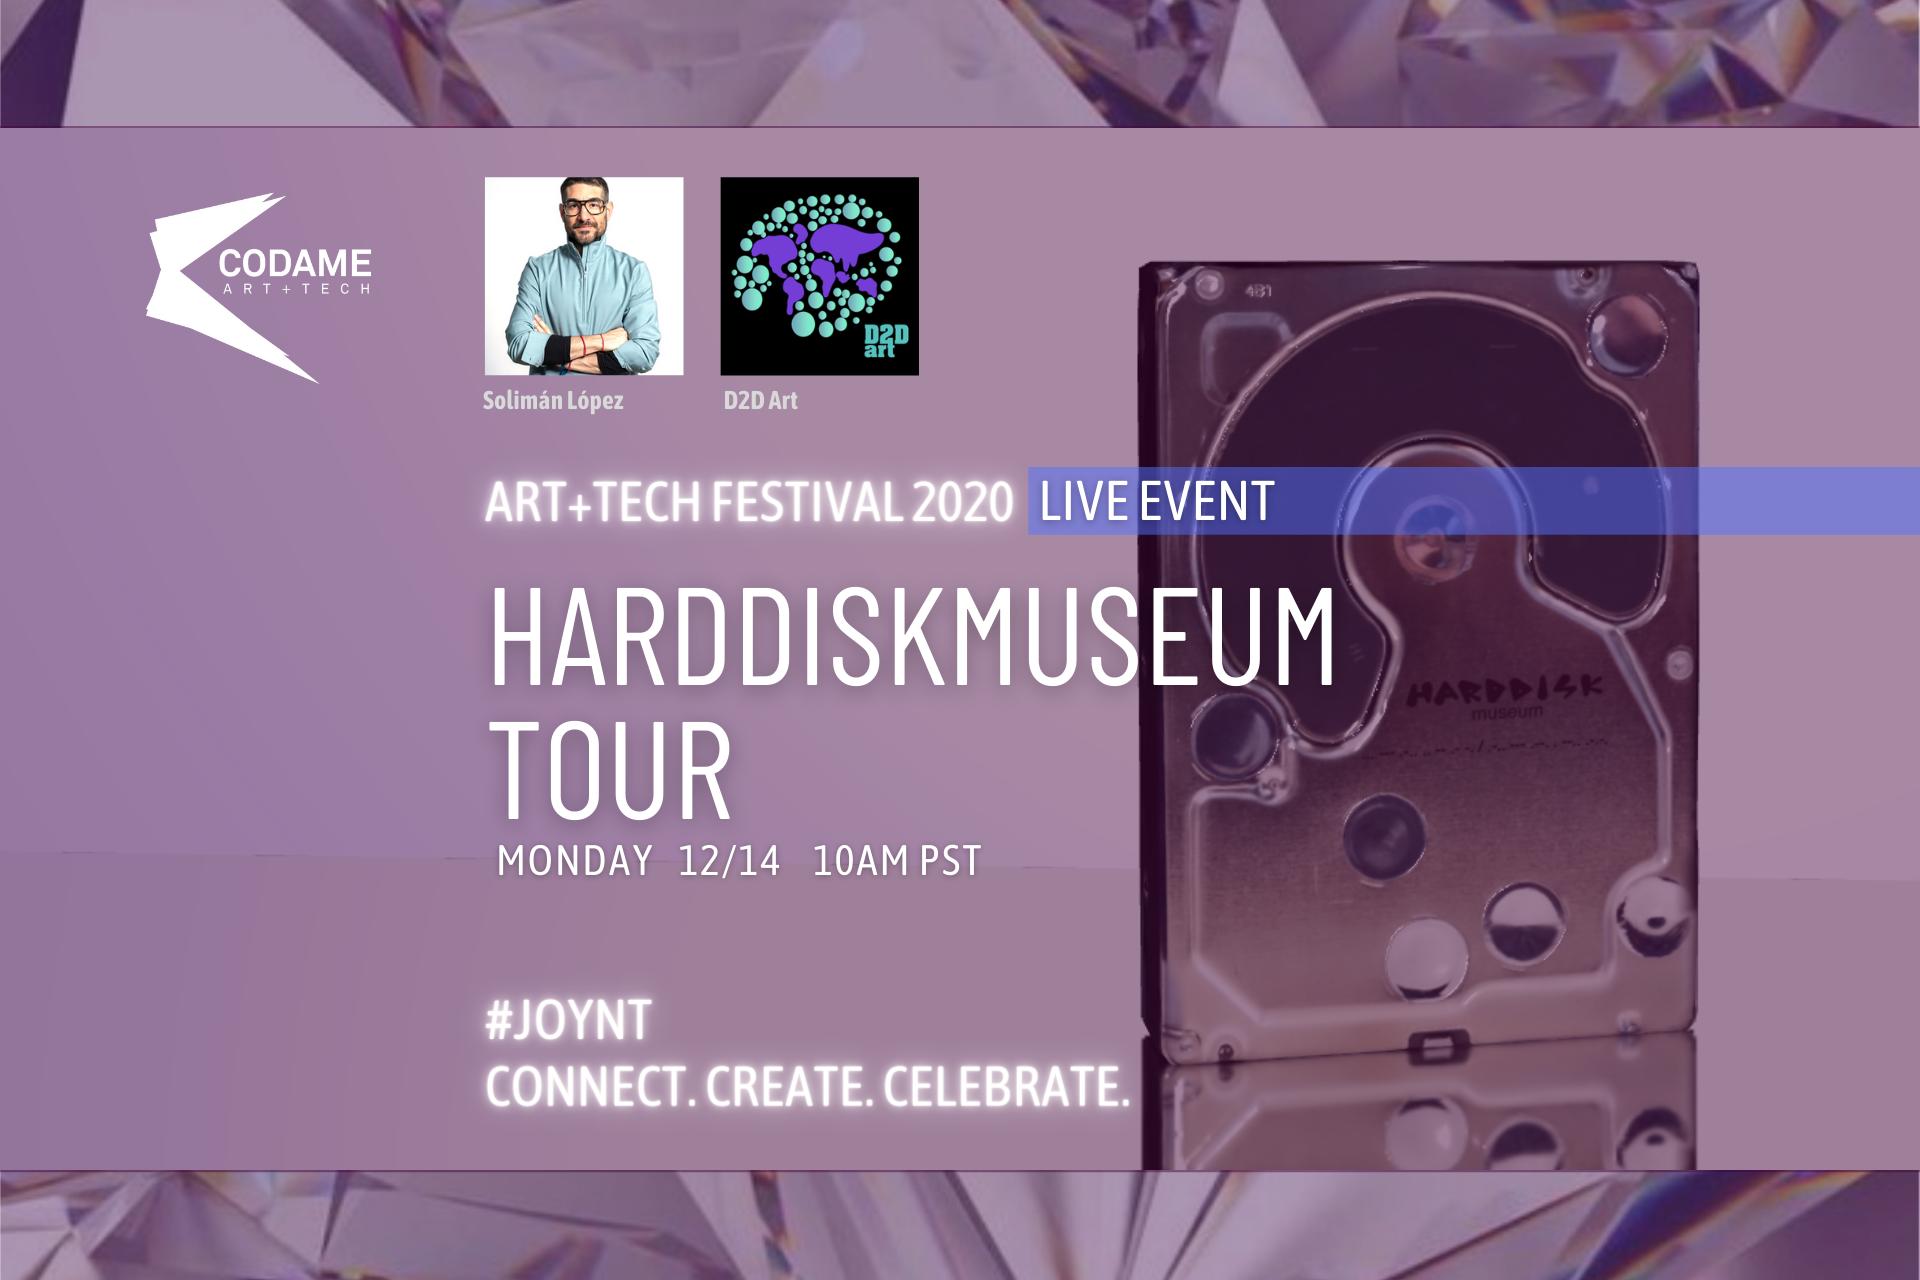 Harddiskmuseum Tour